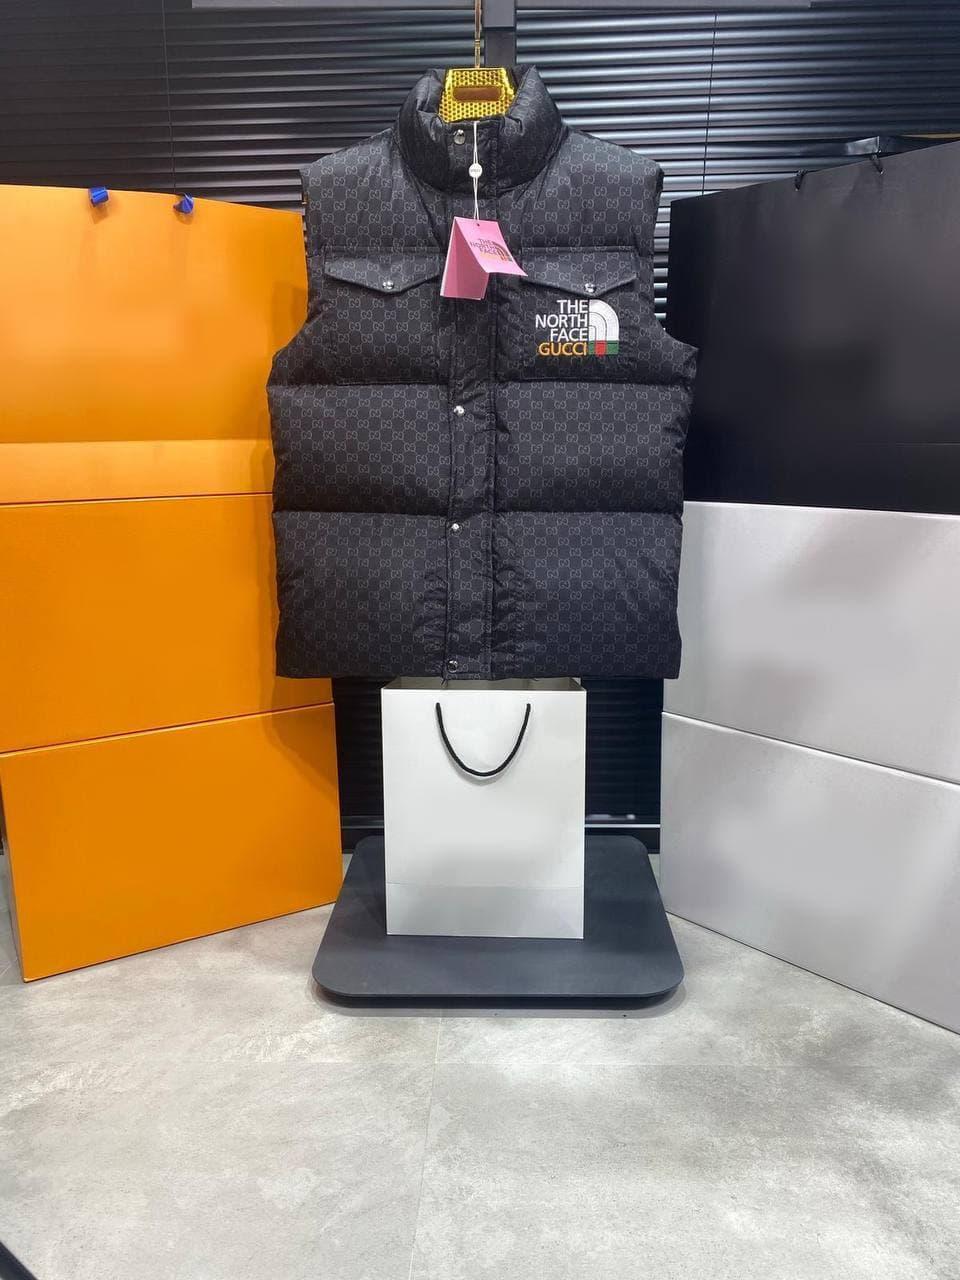 Жилетка - чоловіча жилетка чорна / мужская жилетка коллаборация ТНФ Gucci